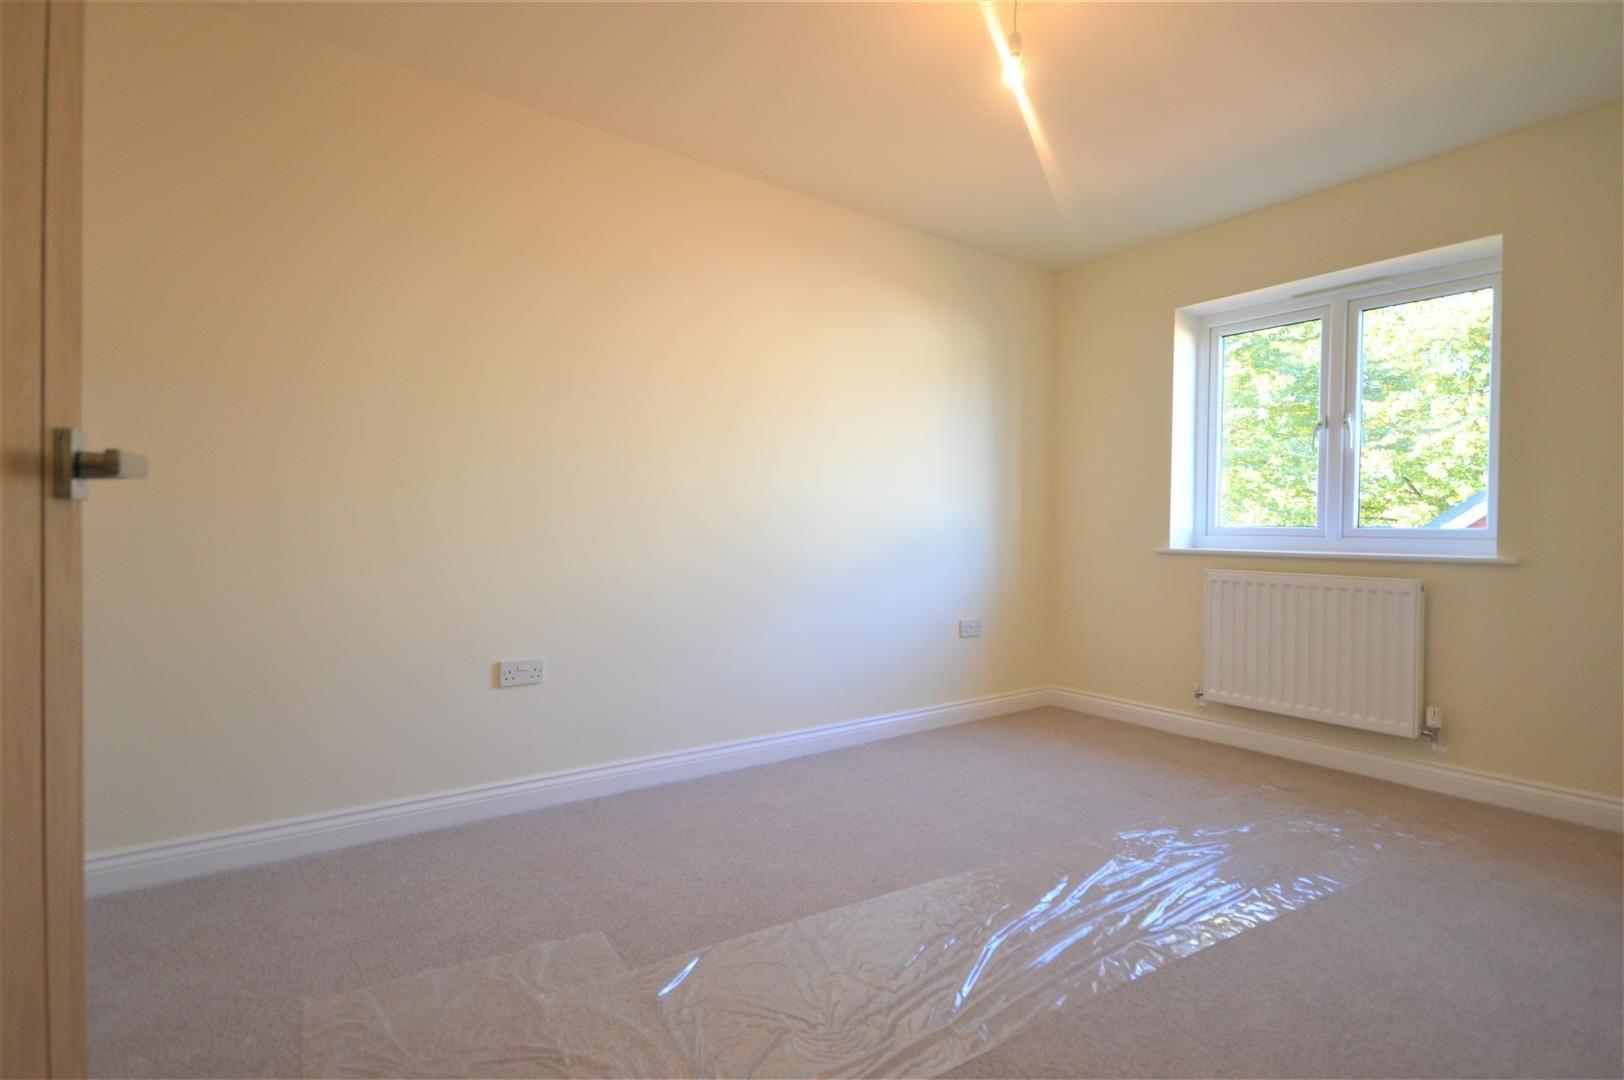 3 bed semi-detached for sale in Kingsland  - Property Image 5